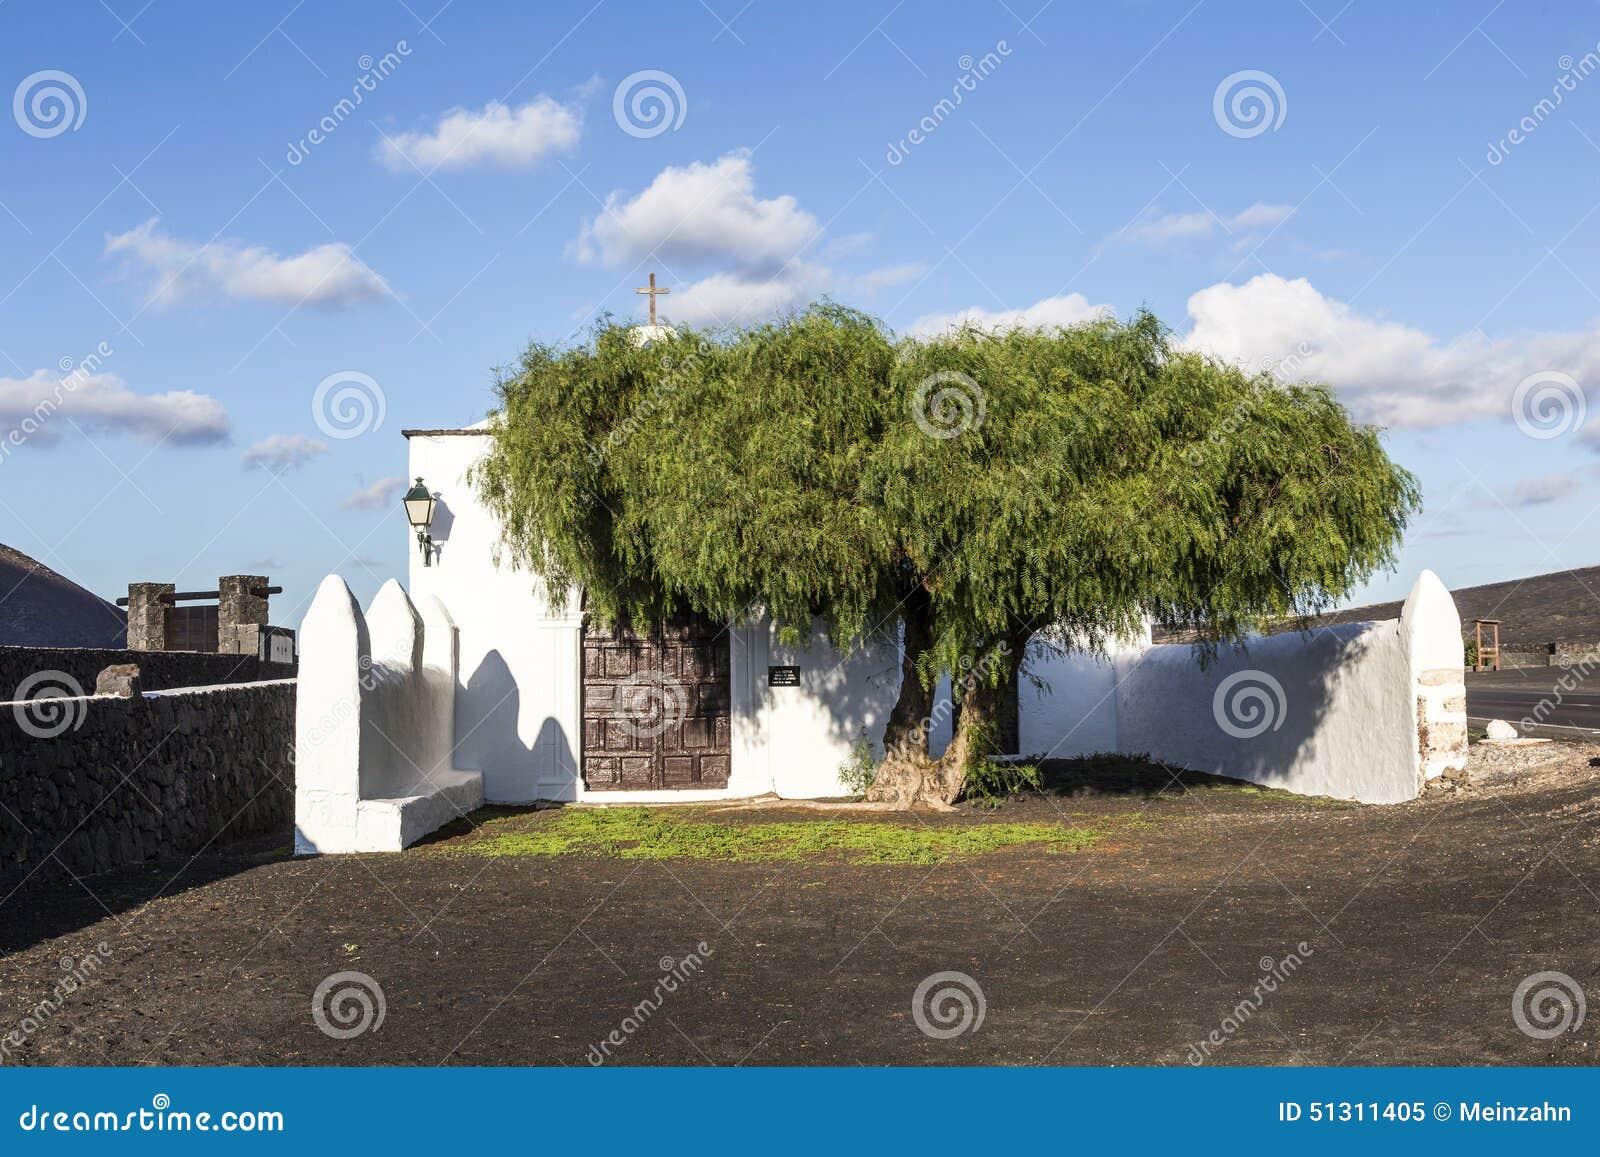 Small chapel in rural area of La Geria in Lanzarote